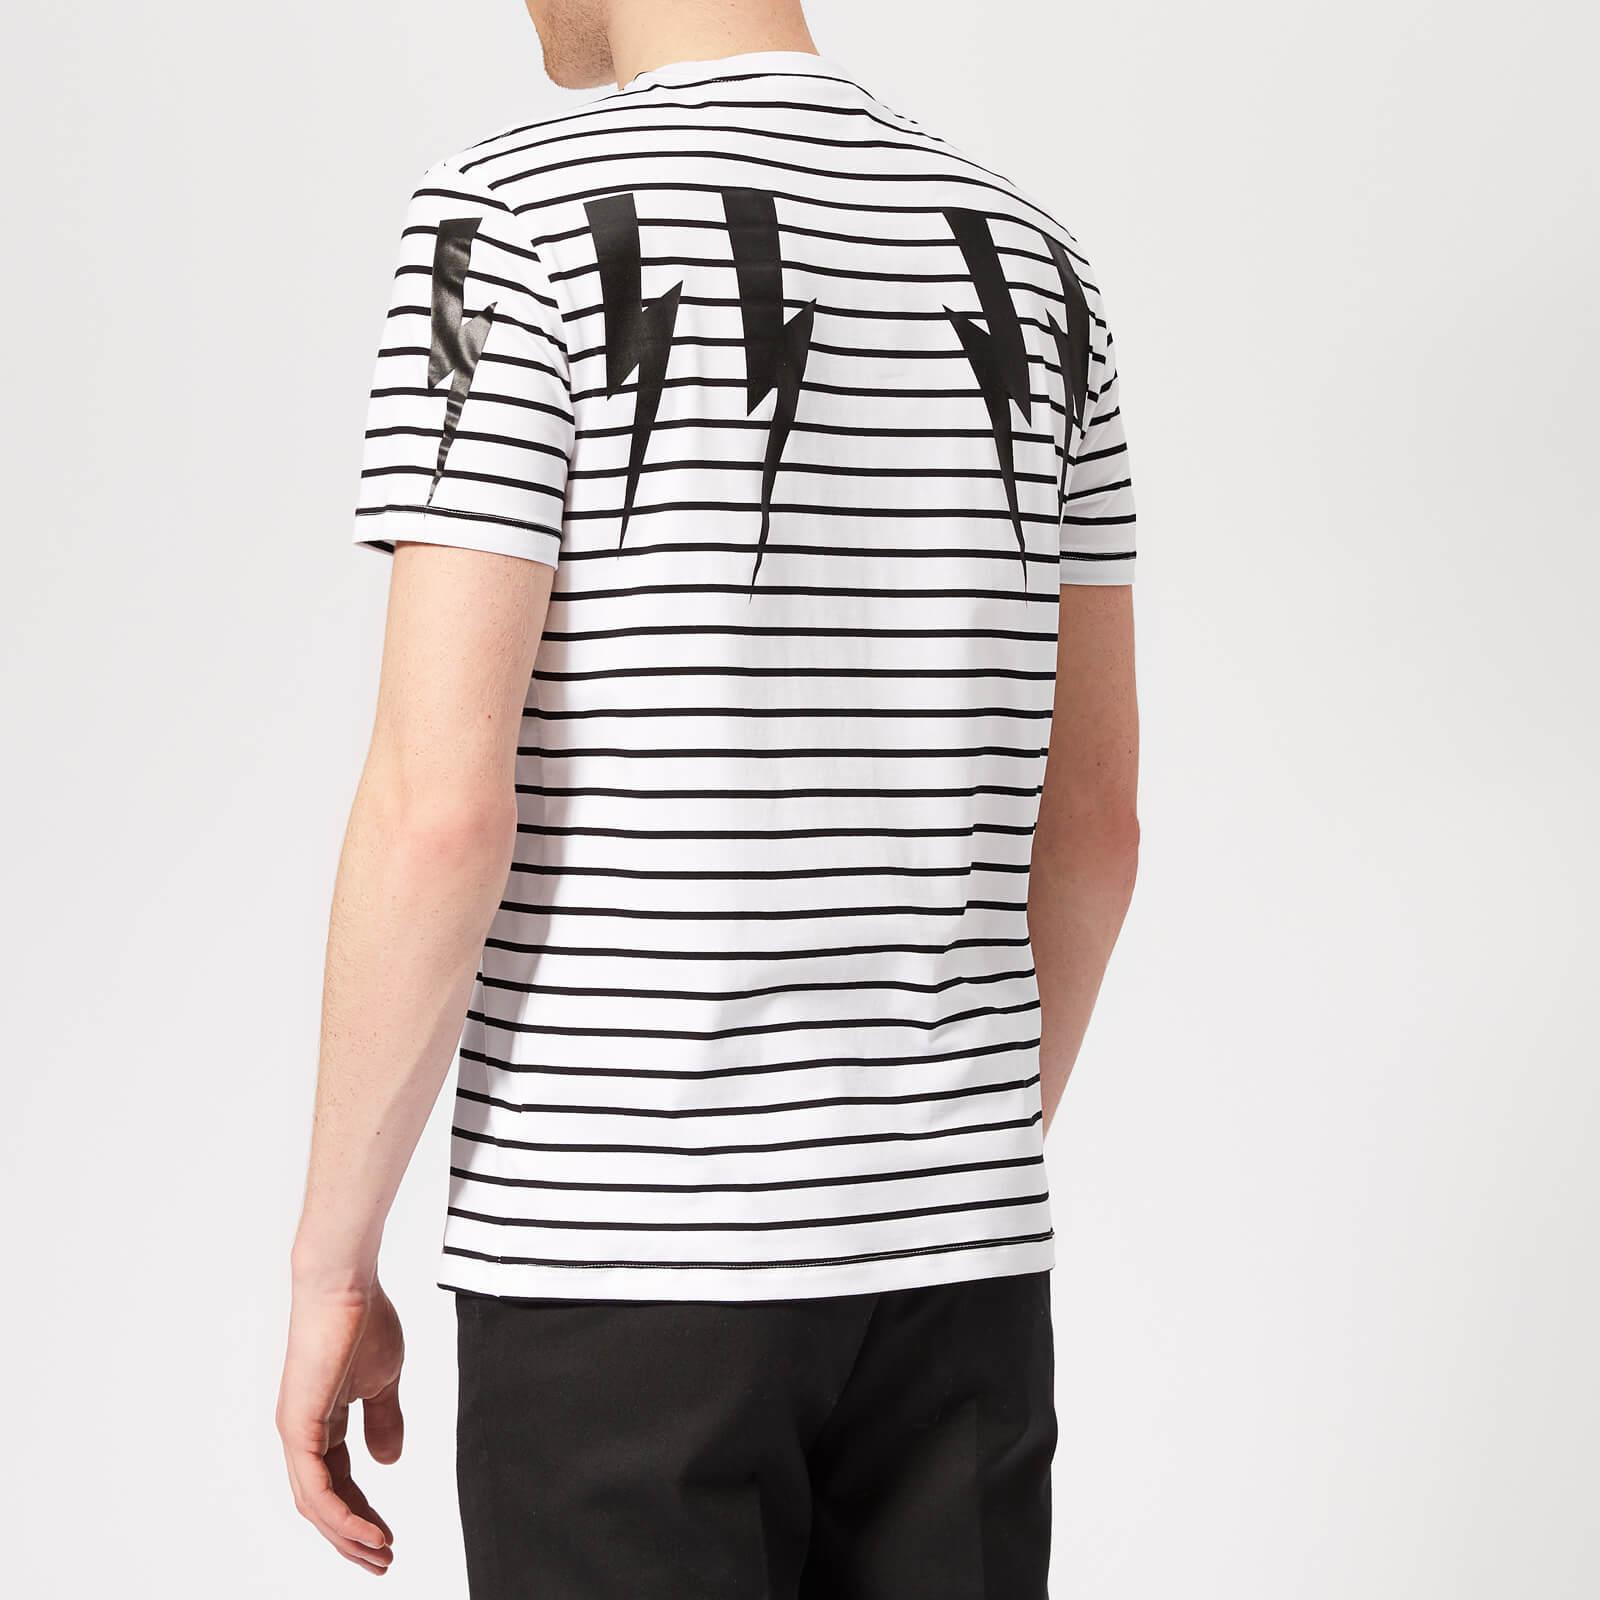 6e6dfc97 Neil Barrett Bolt Wings Striped T-shirt in White for Men - Lyst